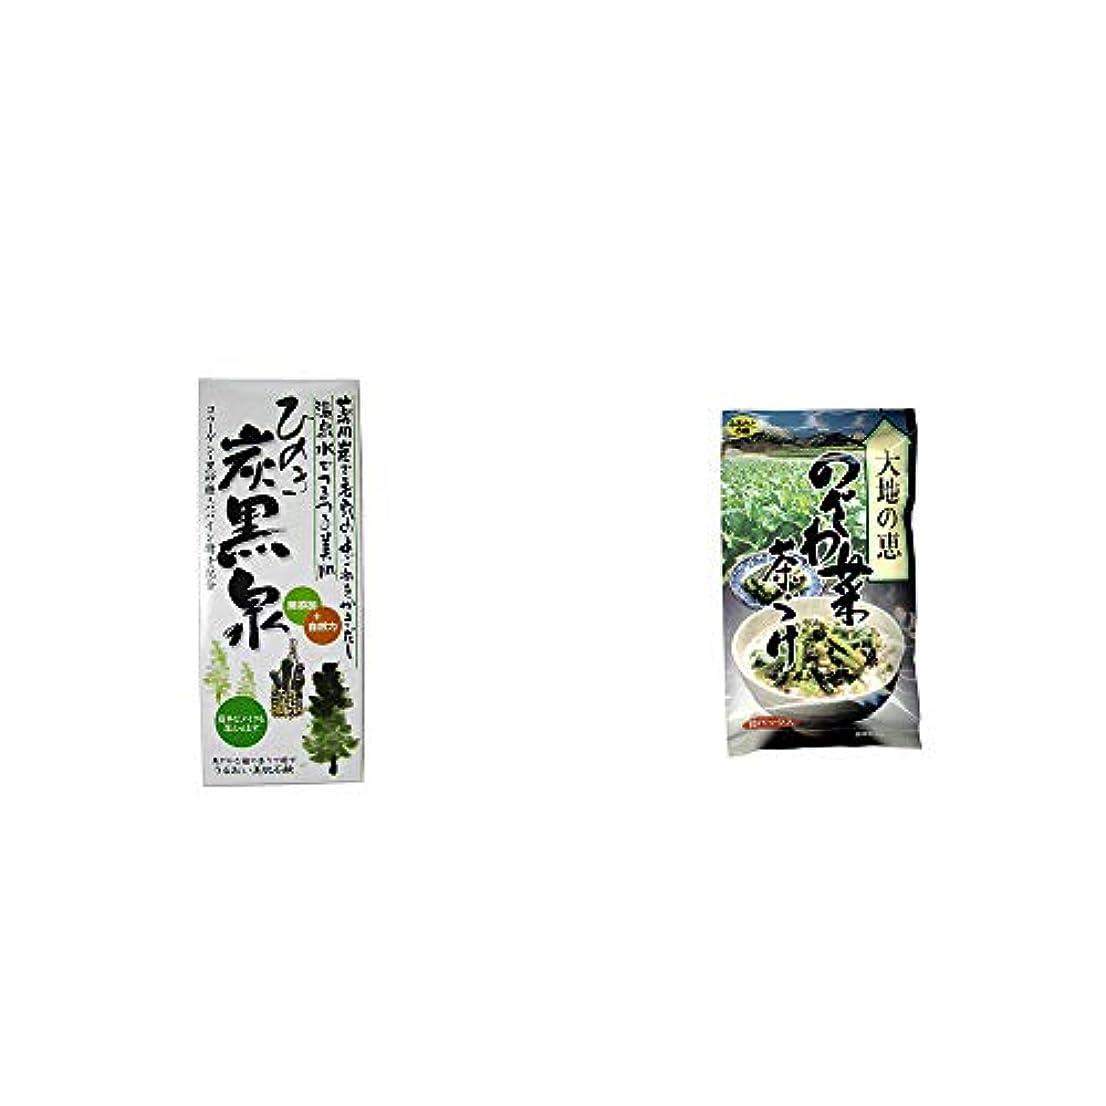 笑シガレット折[2点セット] ひのき炭黒泉 箱入り(75g×3)?特選茶漬け 大地の恵 のざわ菜茶づけ(10袋入)